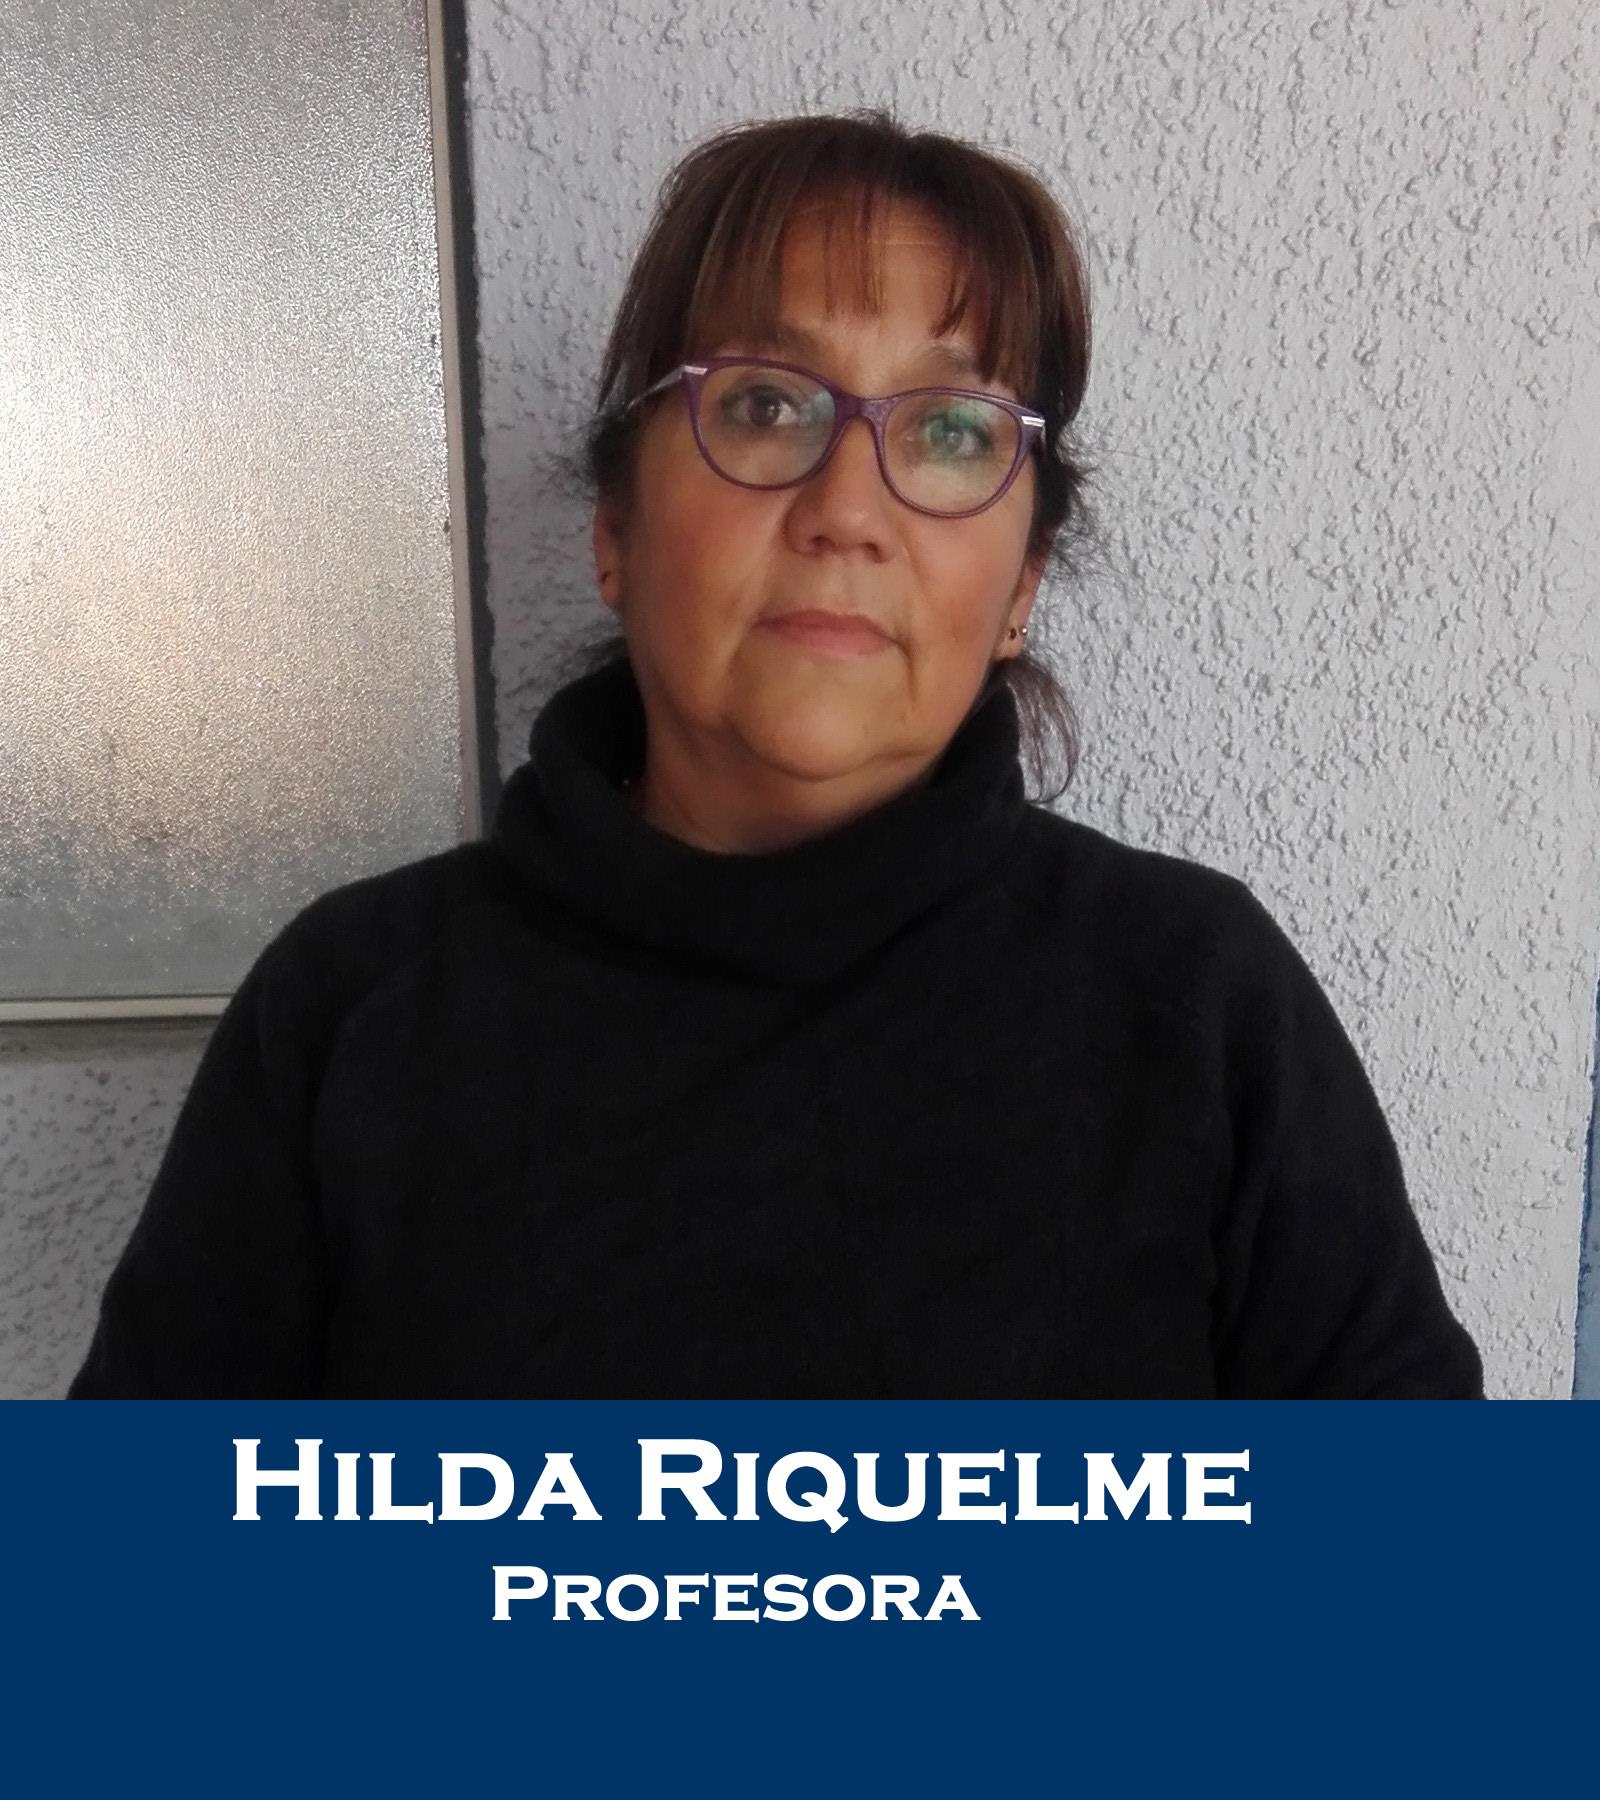 Hilda-Riquelme